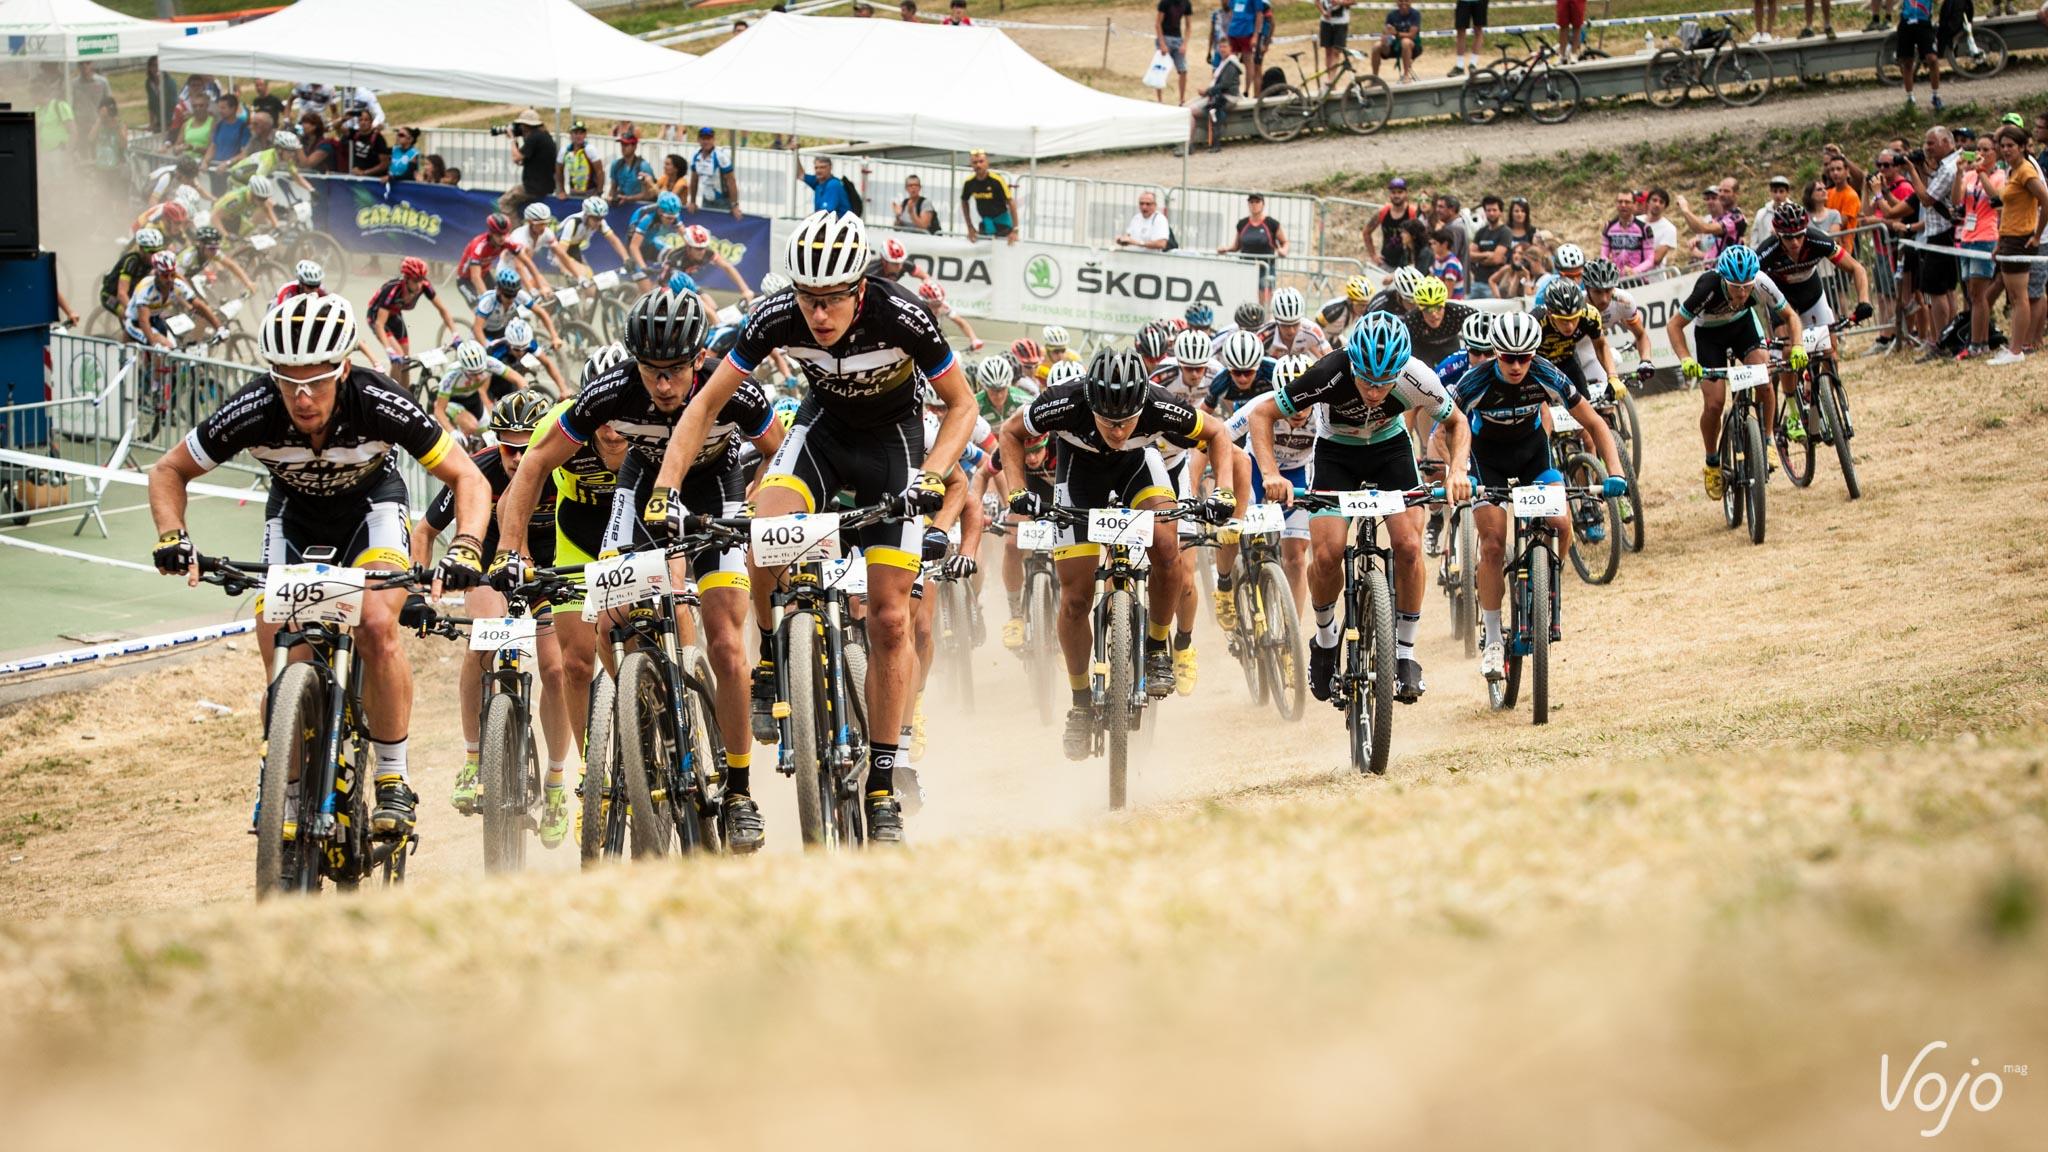 Championnats-de-france-2015-Oz-XC-Espoirs-finale-5